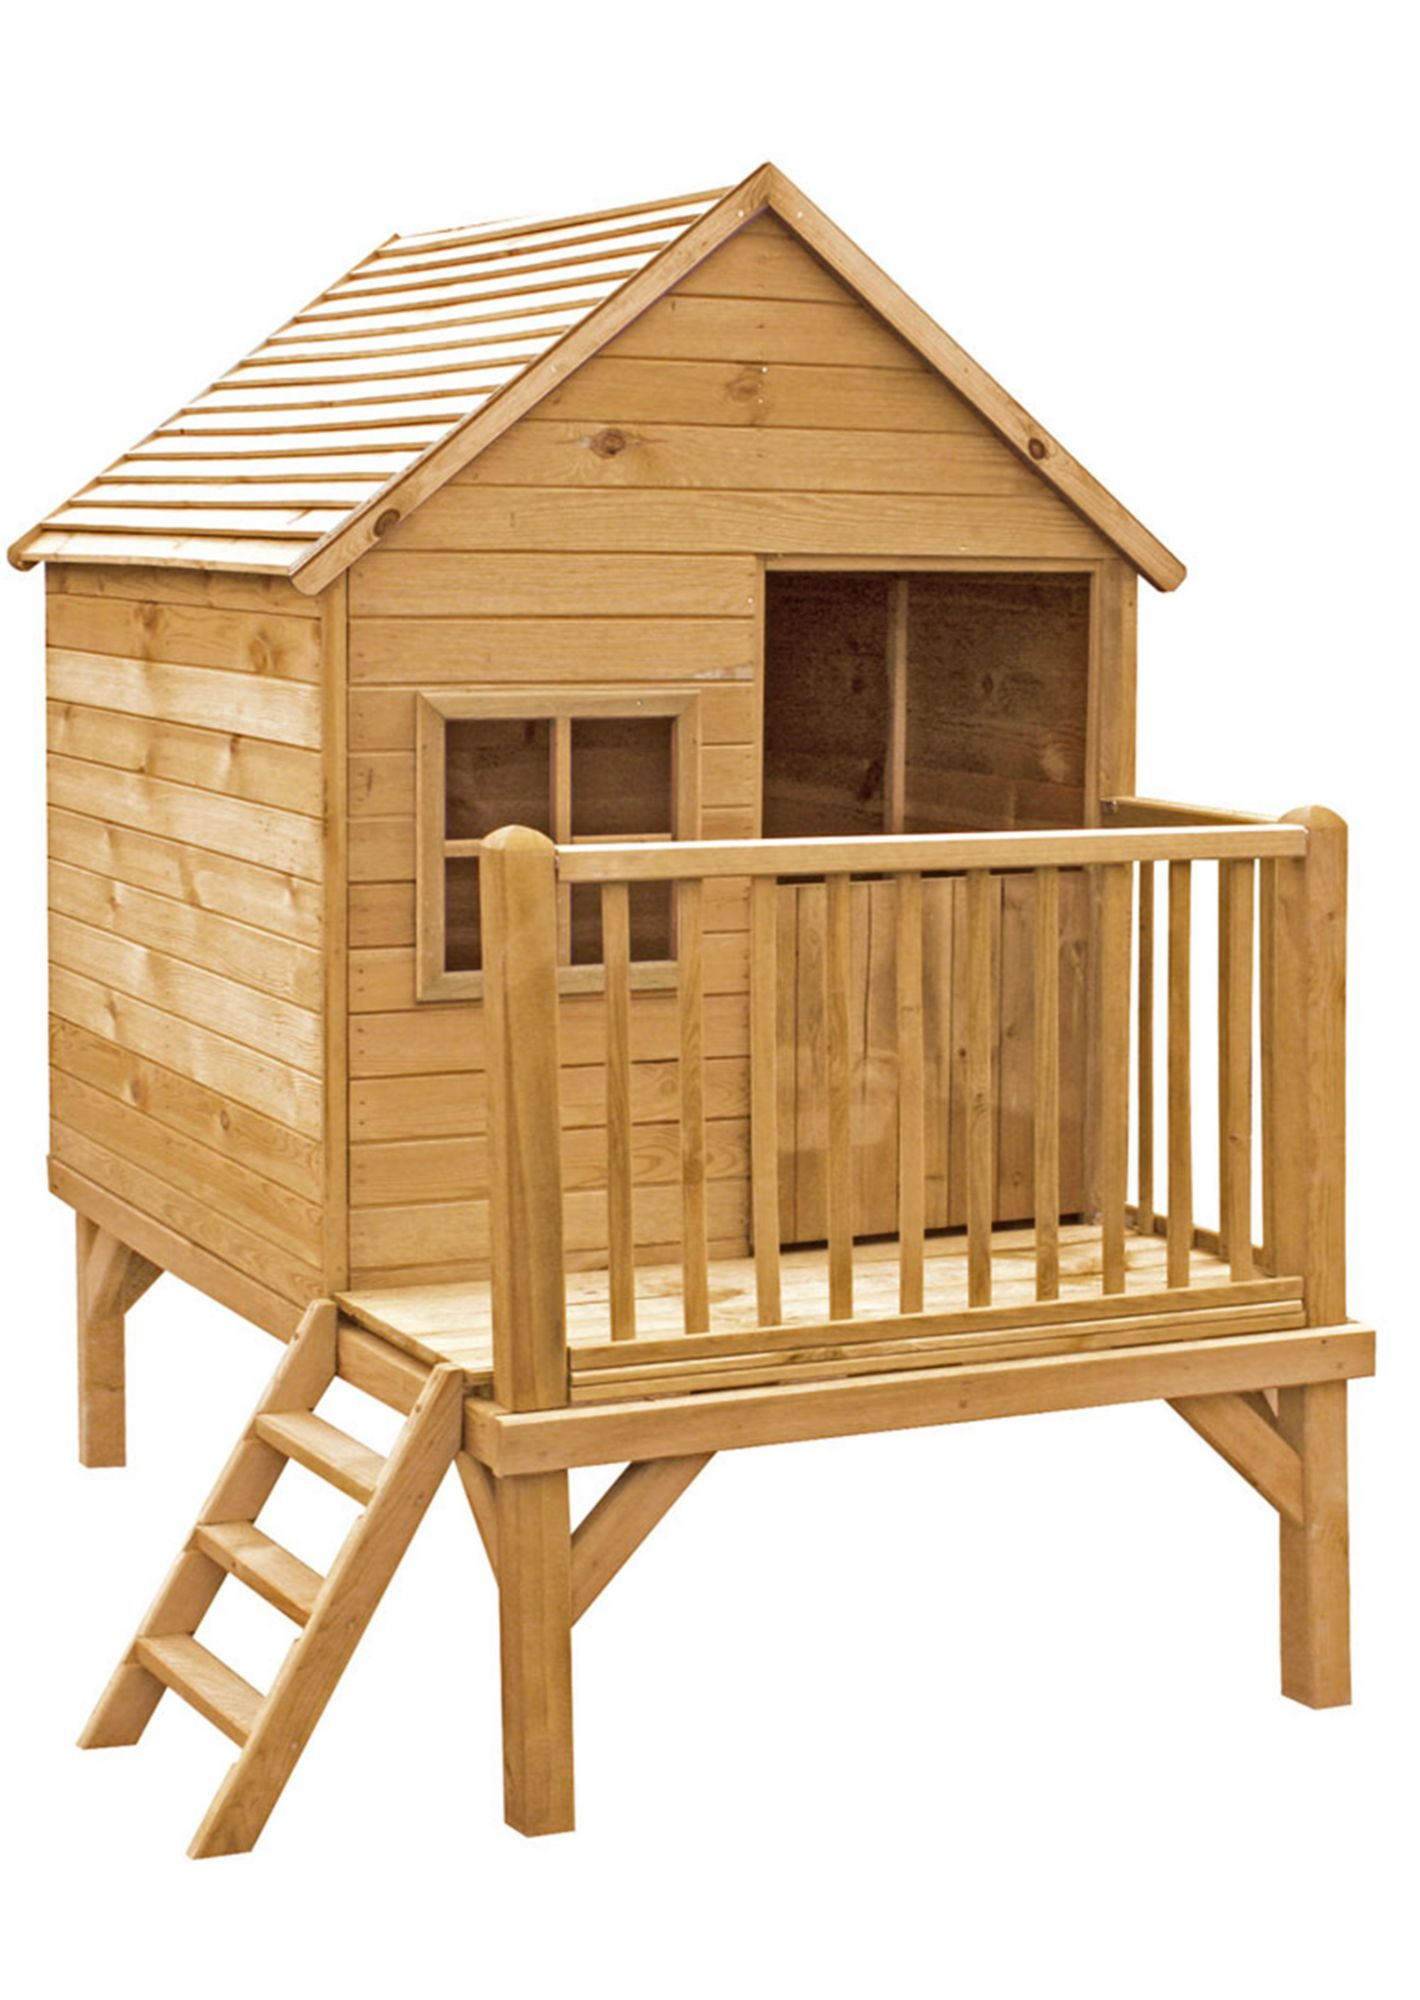 spielhaus katzenhaus g nstig online kaufen beim schwab versand. Black Bedroom Furniture Sets. Home Design Ideas